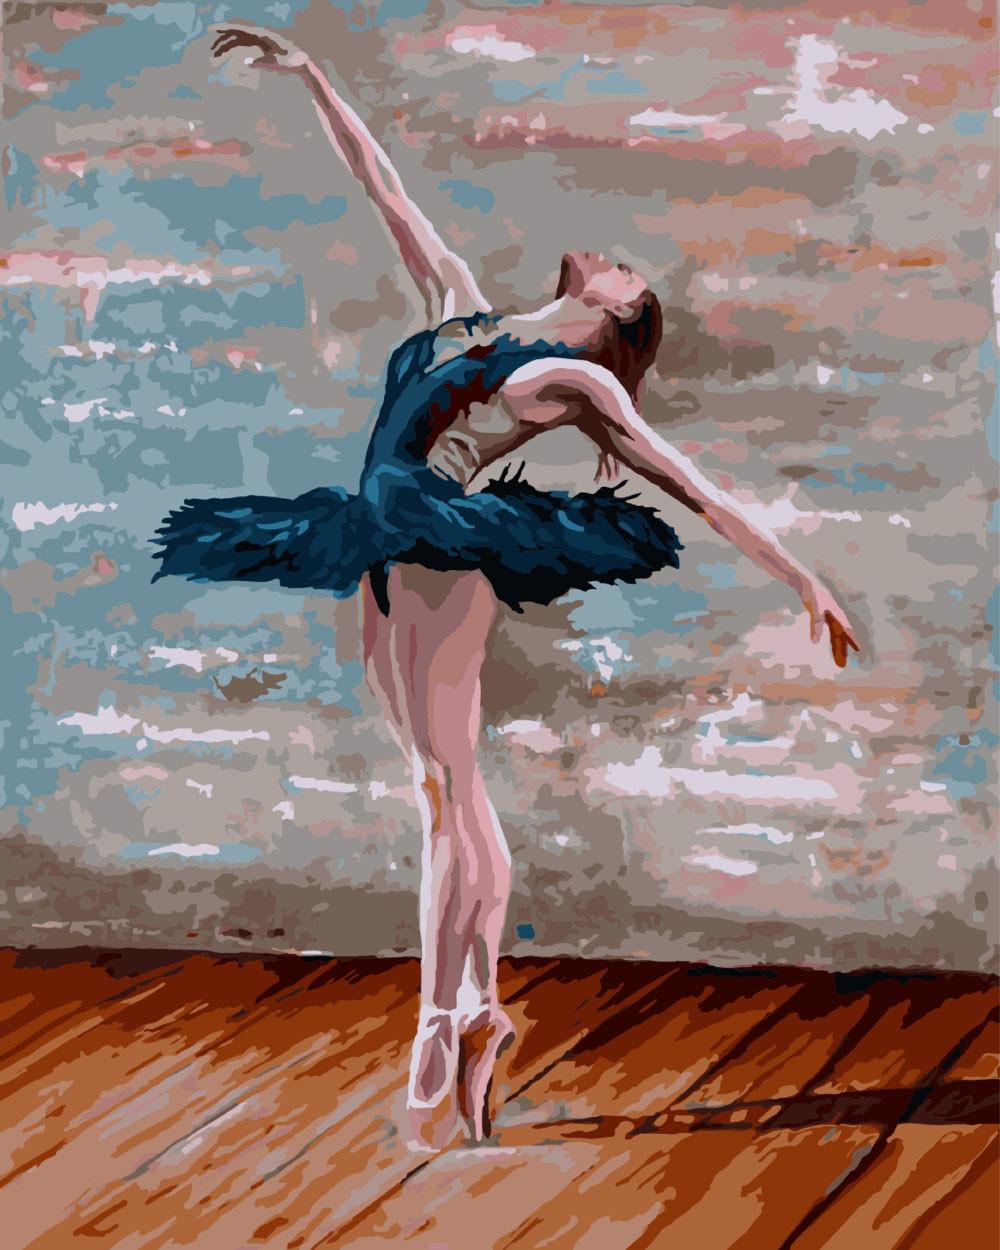 Картина по номерам Балерина  40 х 50 см (BK-GX8342)